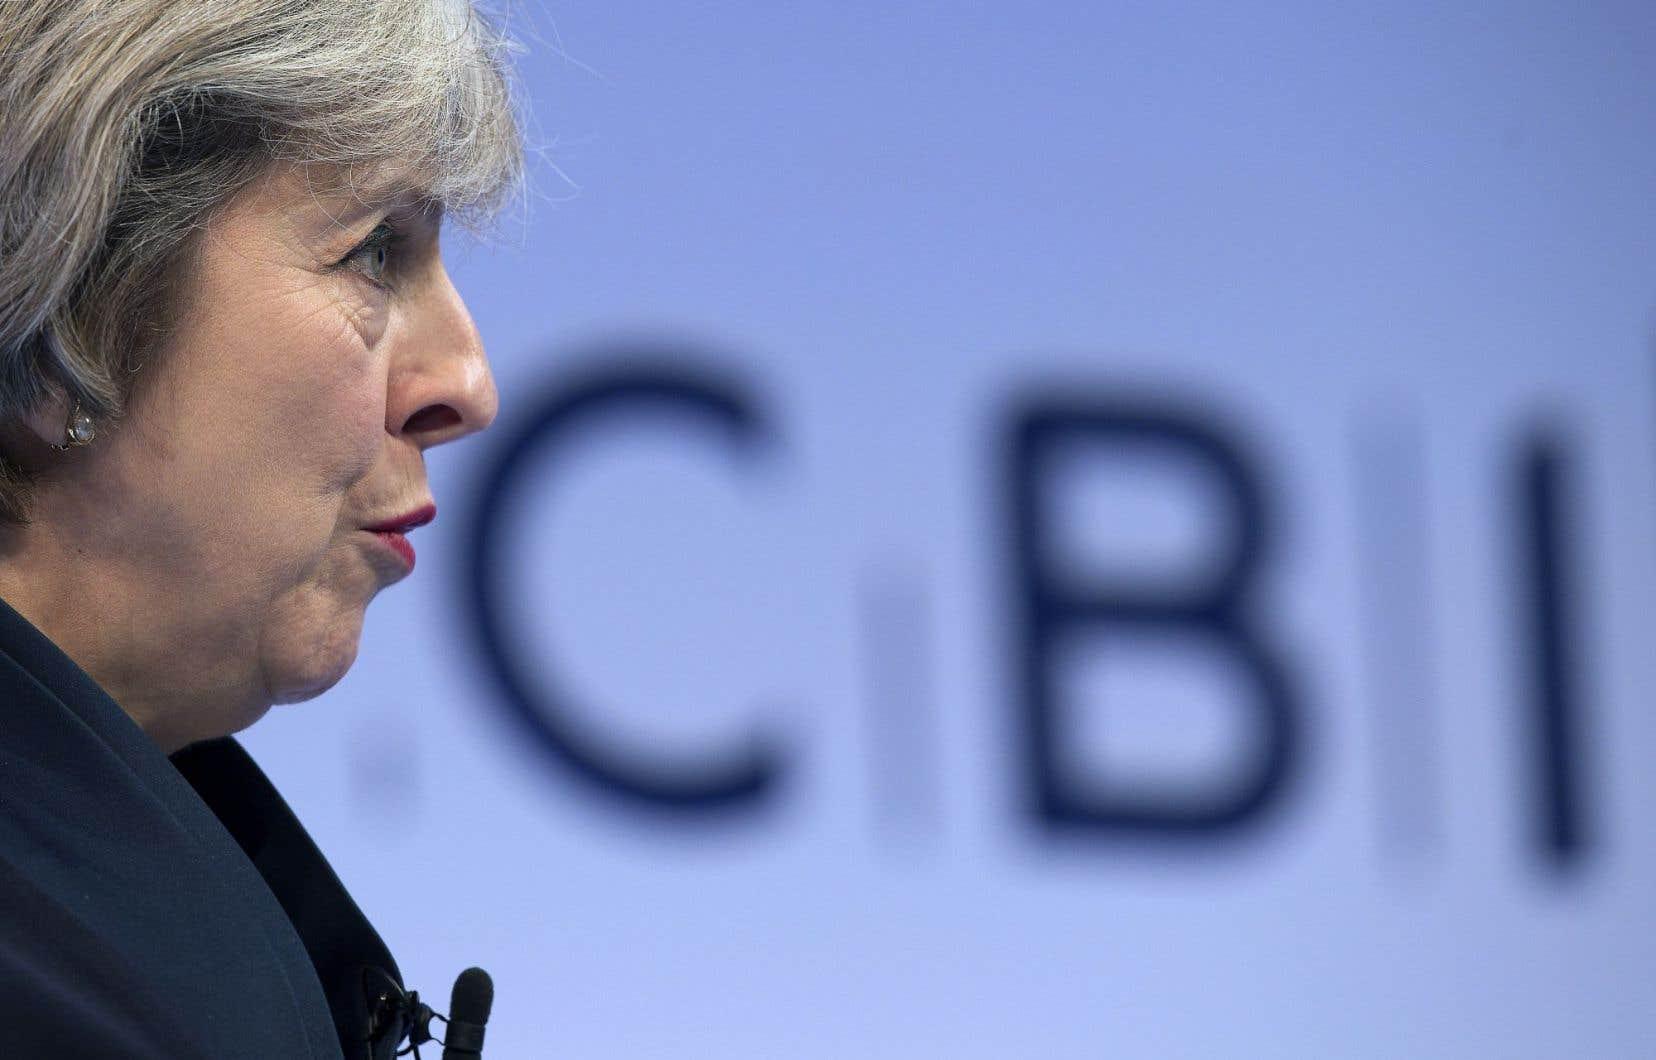 La première ministre du Royaume-Uni, Theresa May, a promis que son pays aura l'un des taux d'imposition sur les sociétés « les plus faibles des vingt principales économies mondiales».